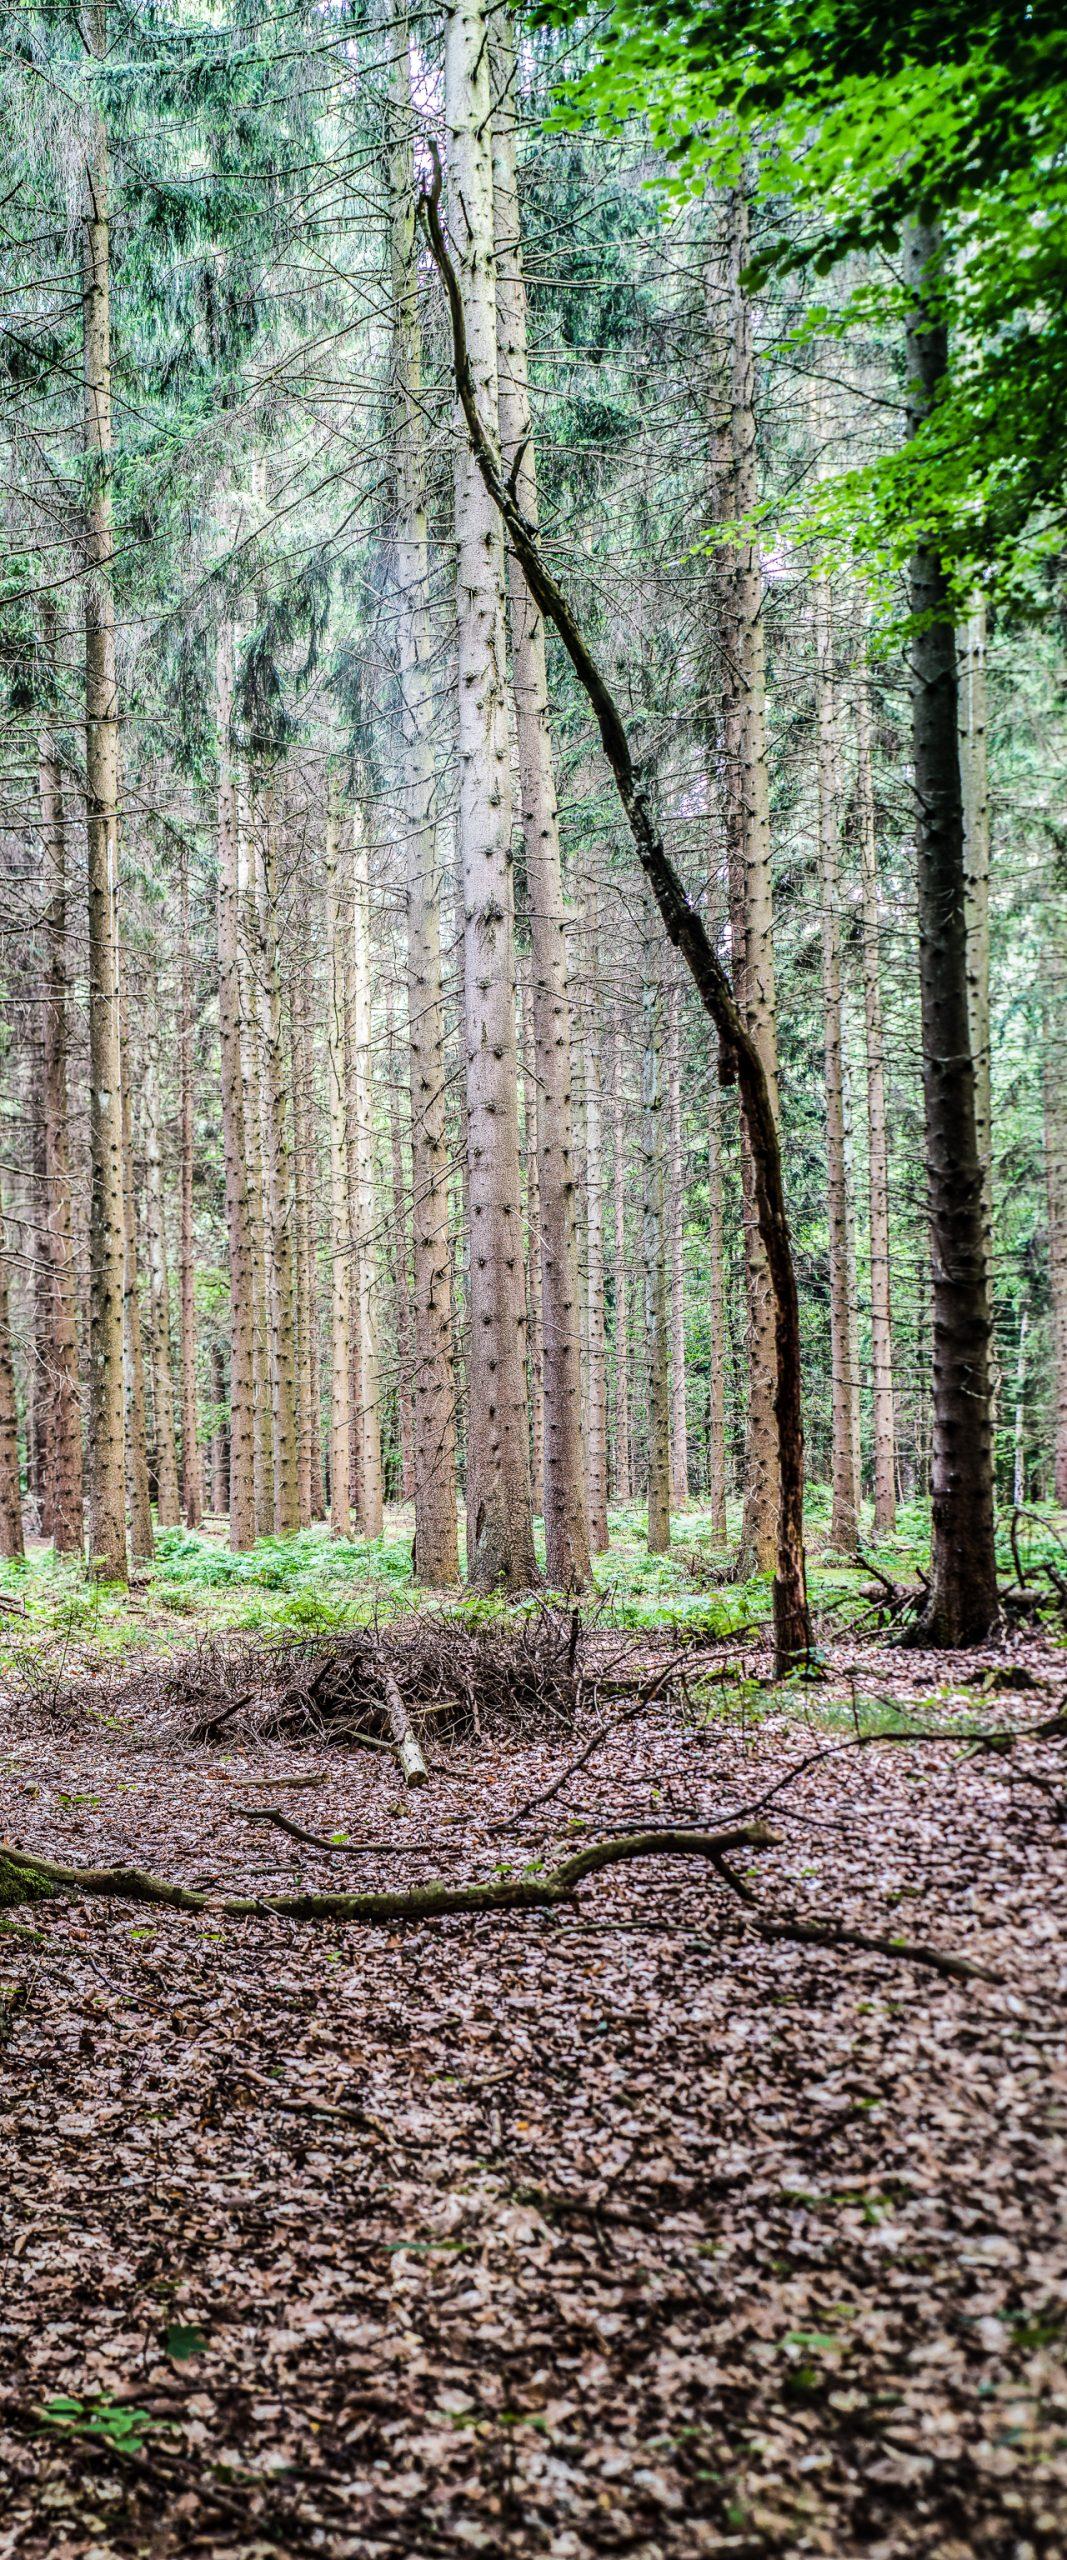 Nadelbäume im letzten Dämmerlicht, Hochformat-Panorama